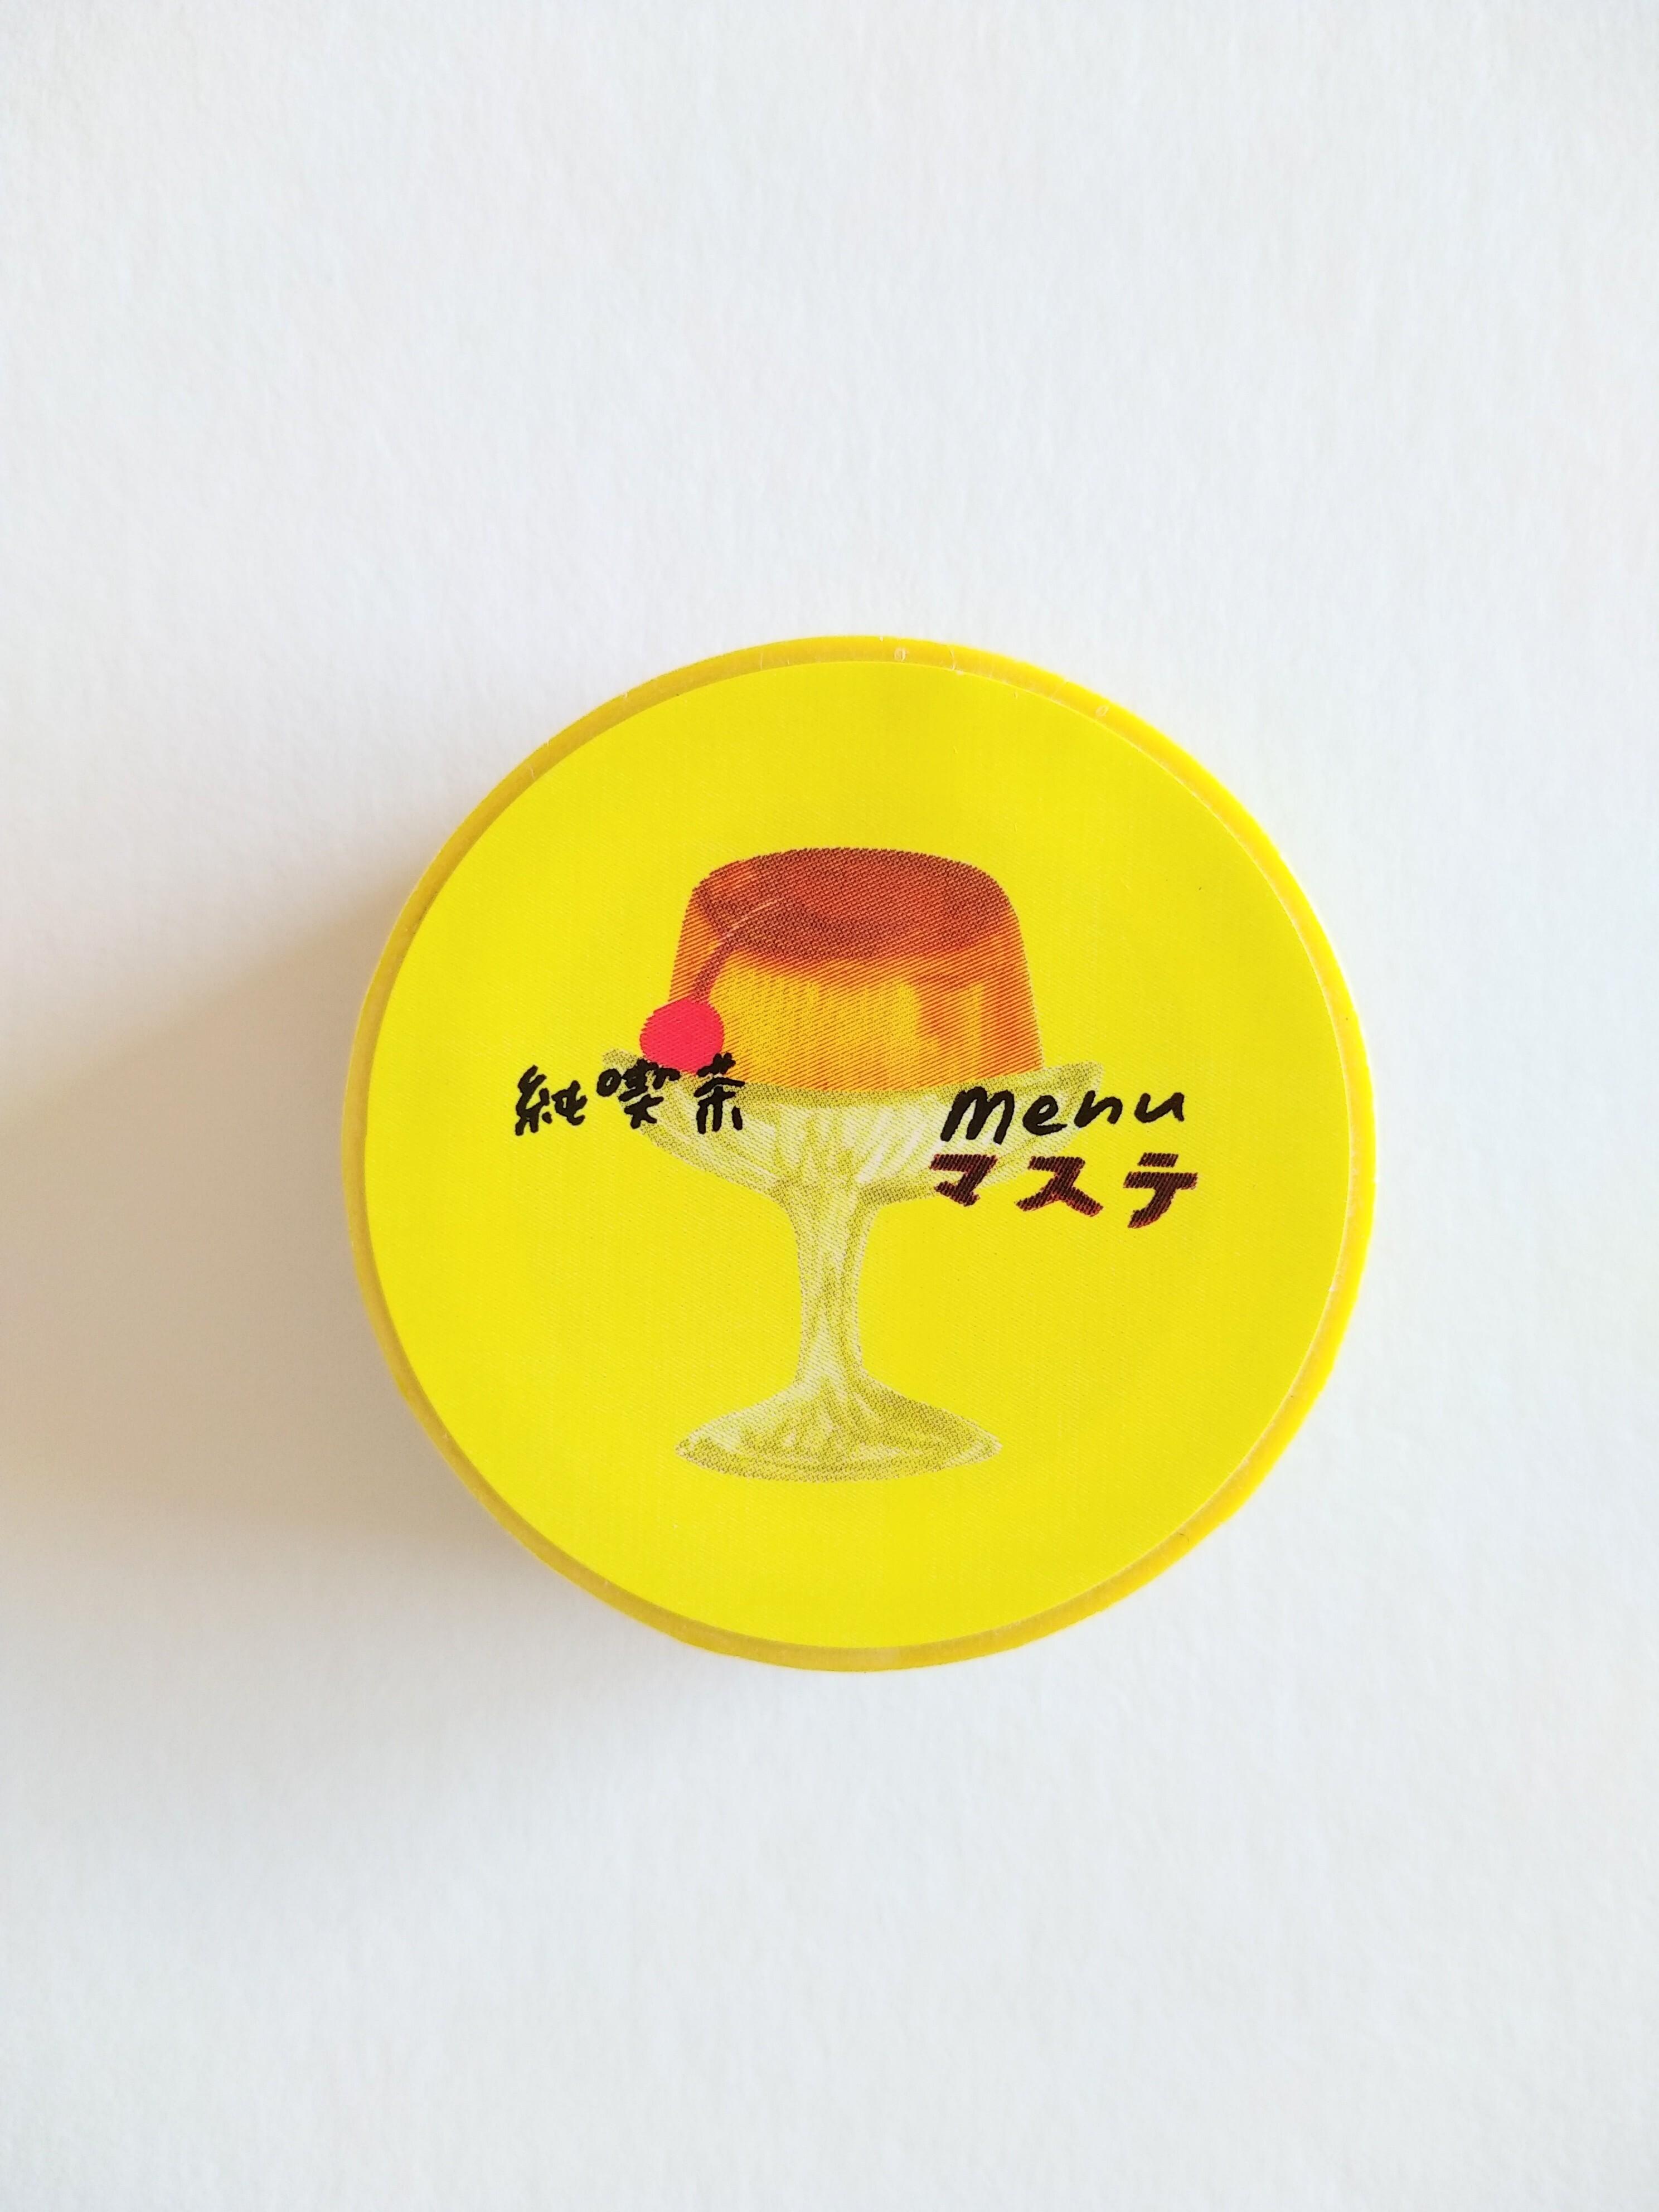 純喫茶menuマステ/表紙プリン